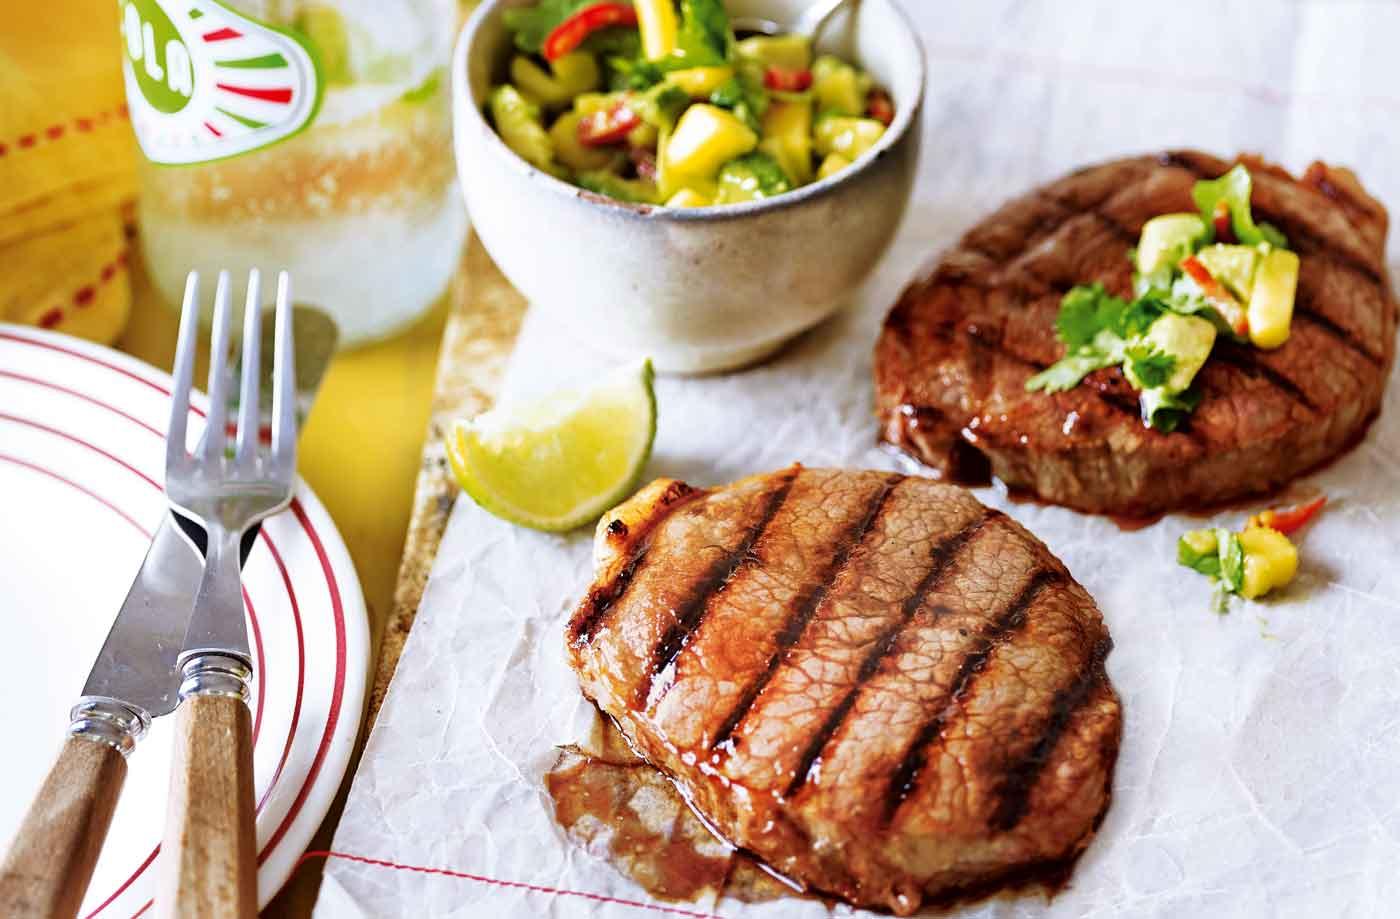 Bbq steak lime lghero 29b82851 9d23 4aa6 bfb4 08378f8331b8 0 1400x919